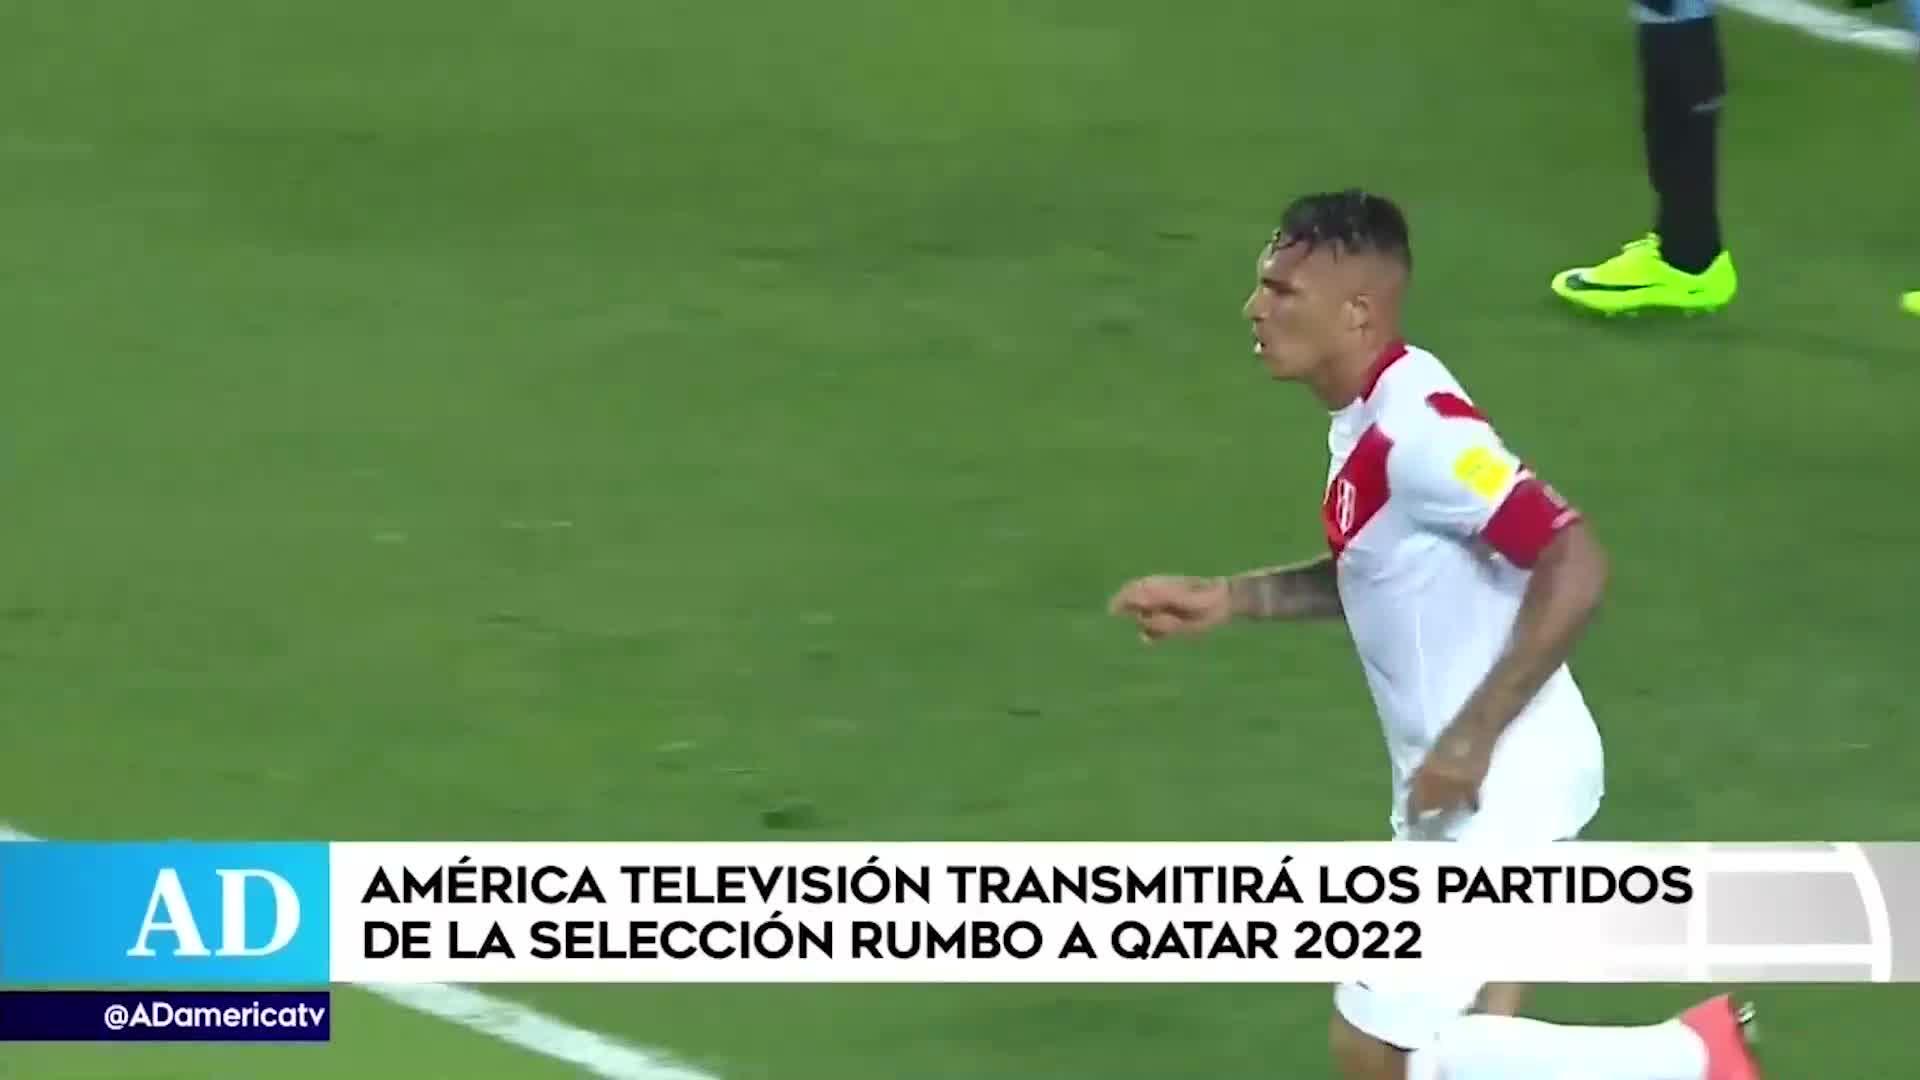 América TV transmitirá los partidos de visita de la selección peruana de las Eliminatorias rumbo a Qatar 2022